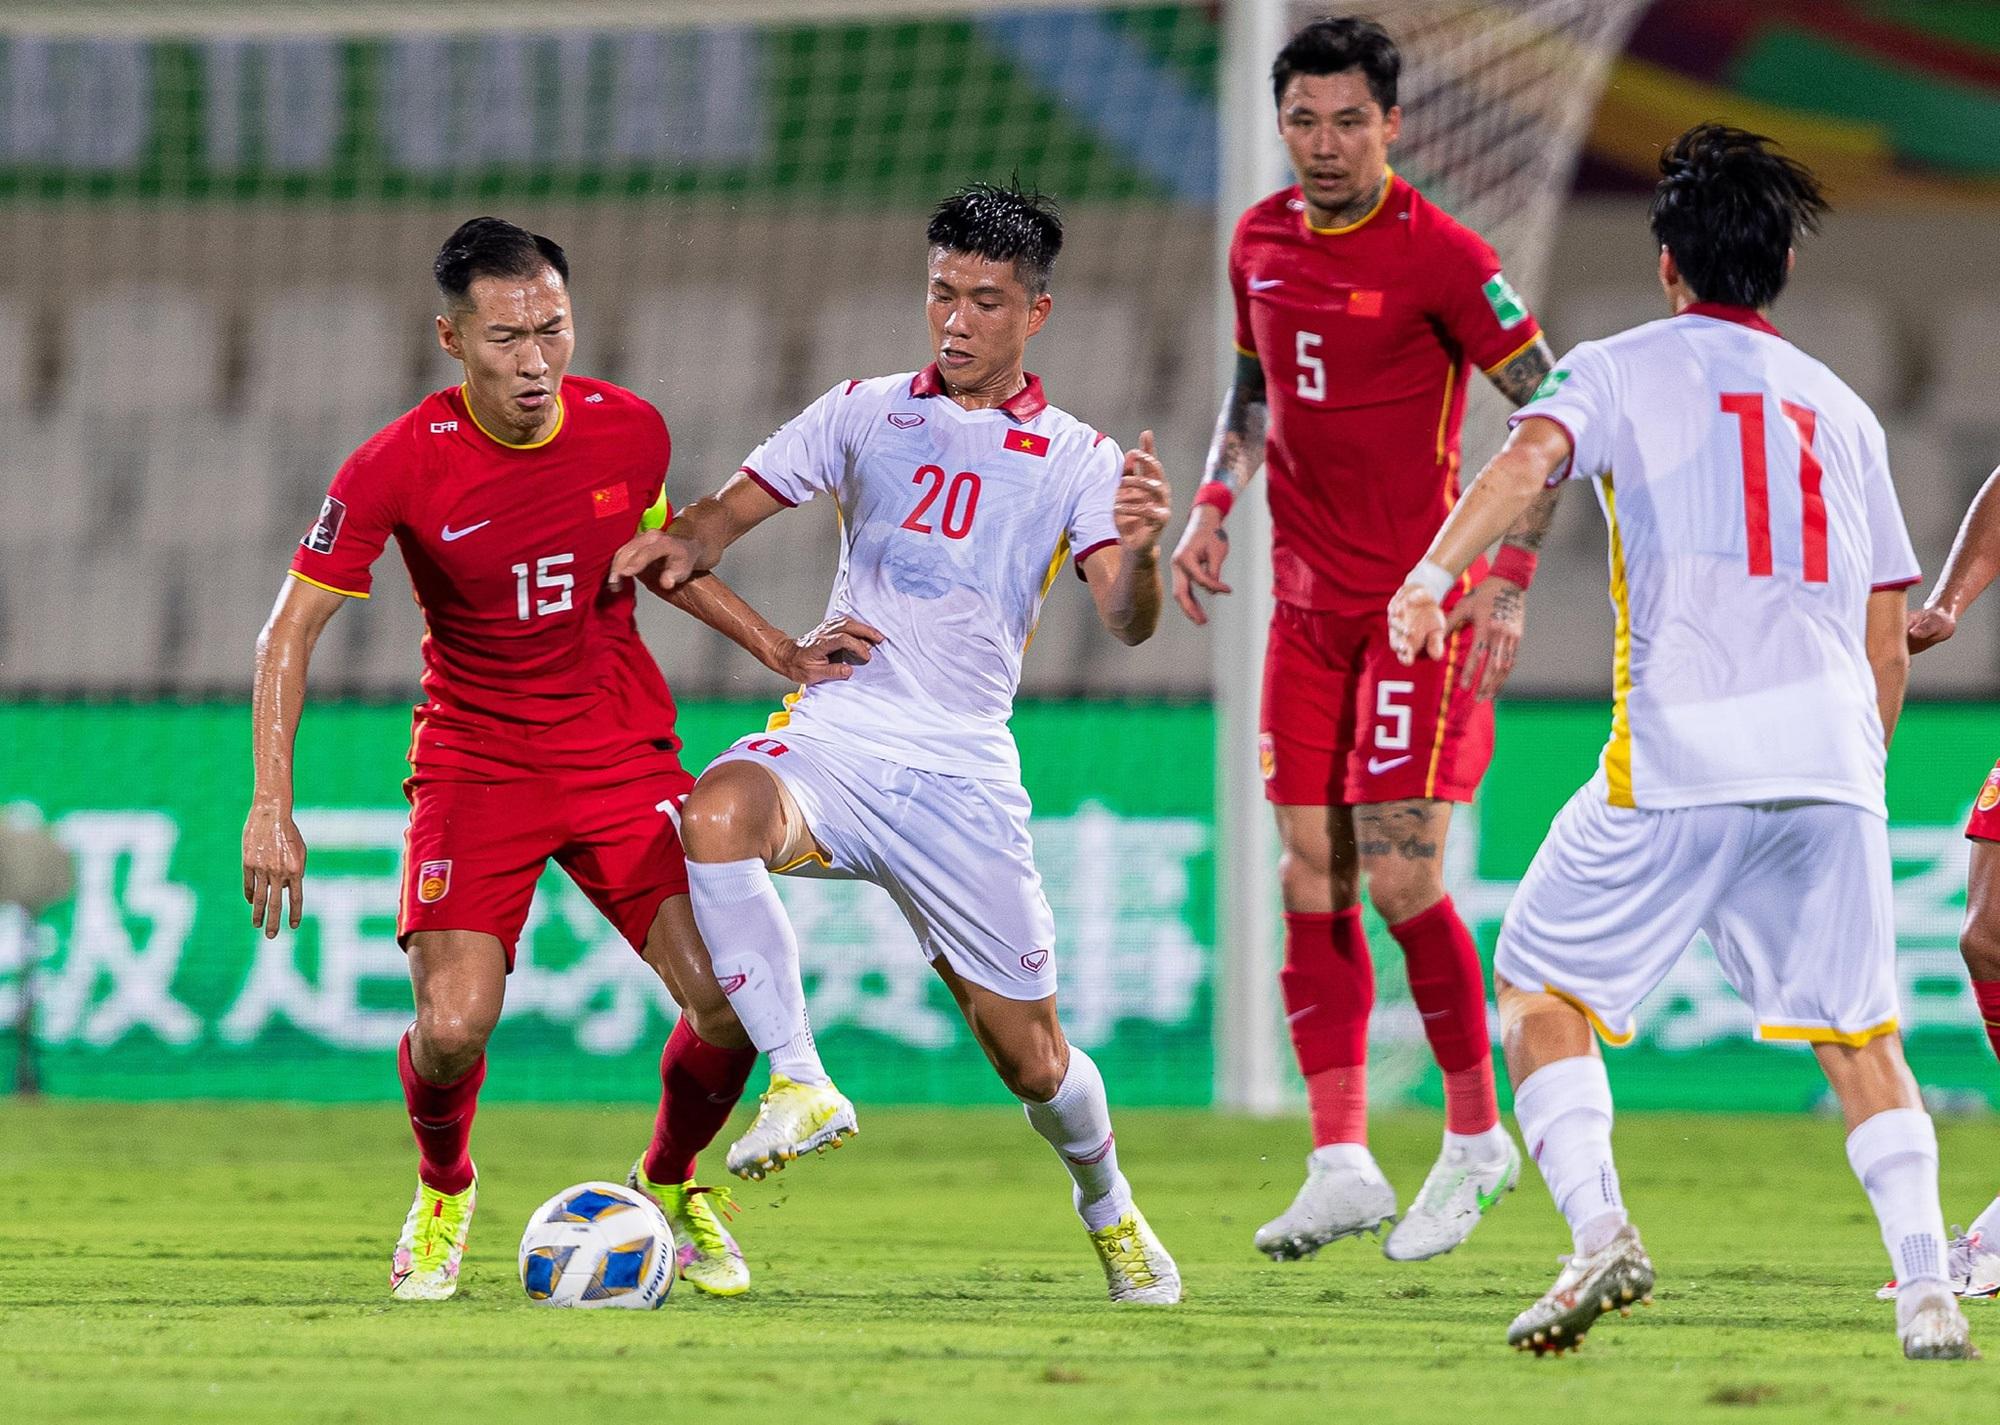 Sau trận thua với Trung Quốc, HLV Park xin nhận trách nhiệm thay cho các cầu thủ Việt Nam - Ảnh 1